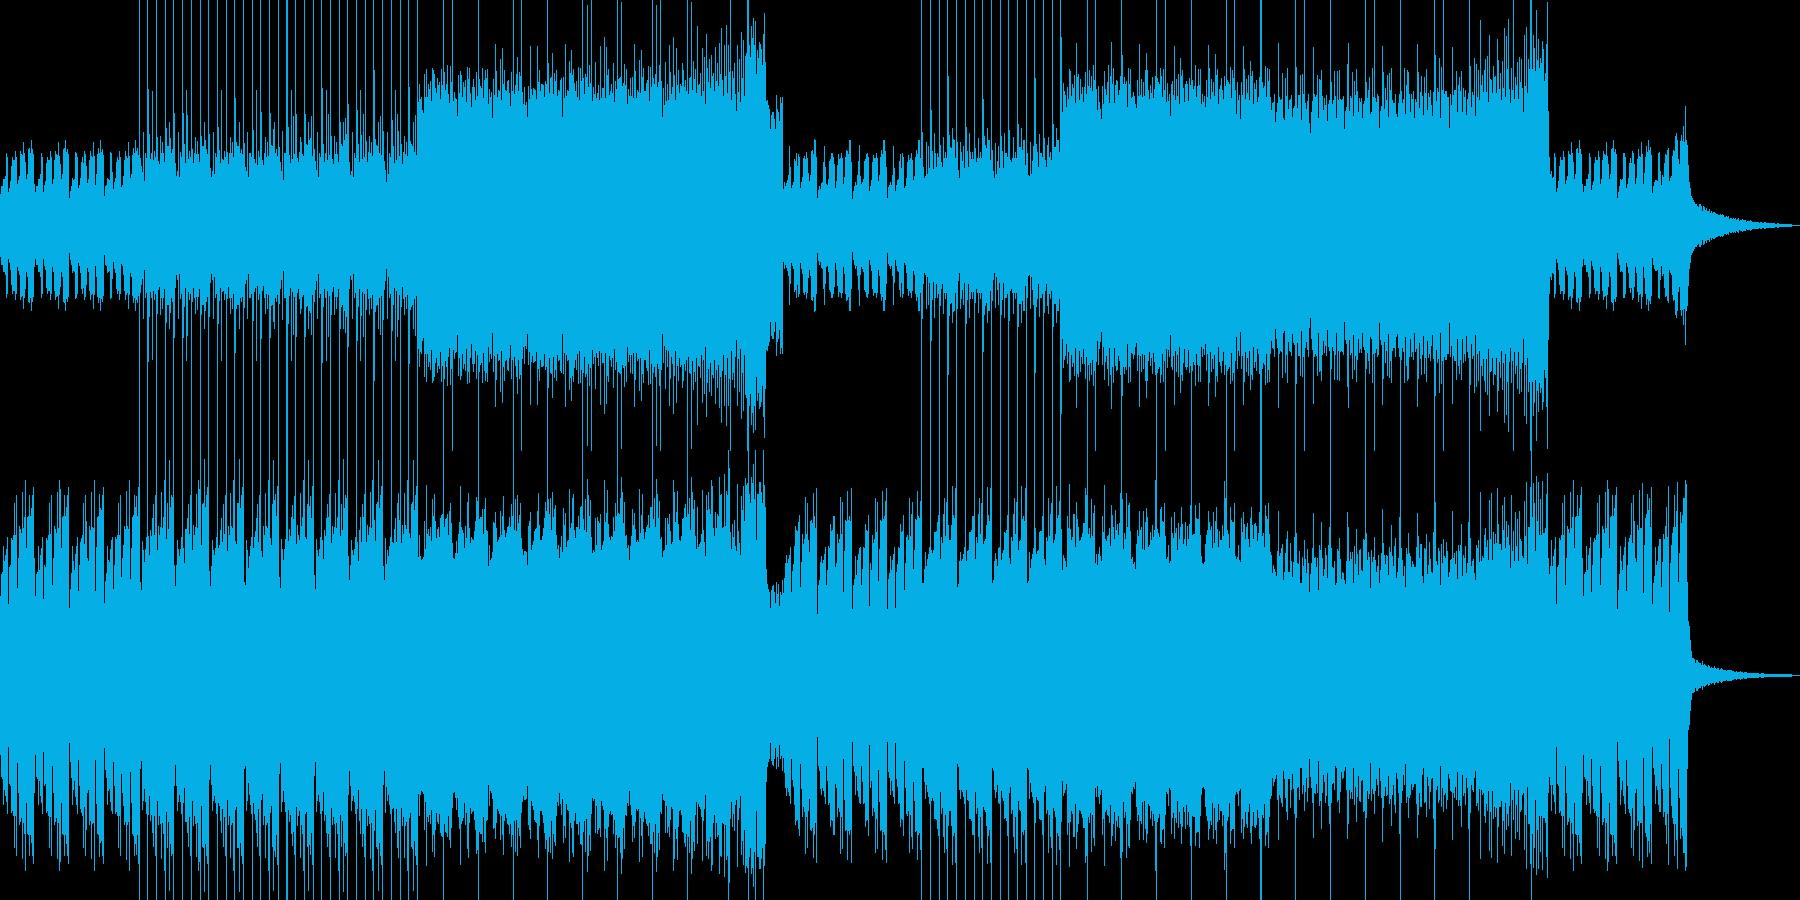 ファンタジーなシンセ・ベース幻想郷的音楽の再生済みの波形